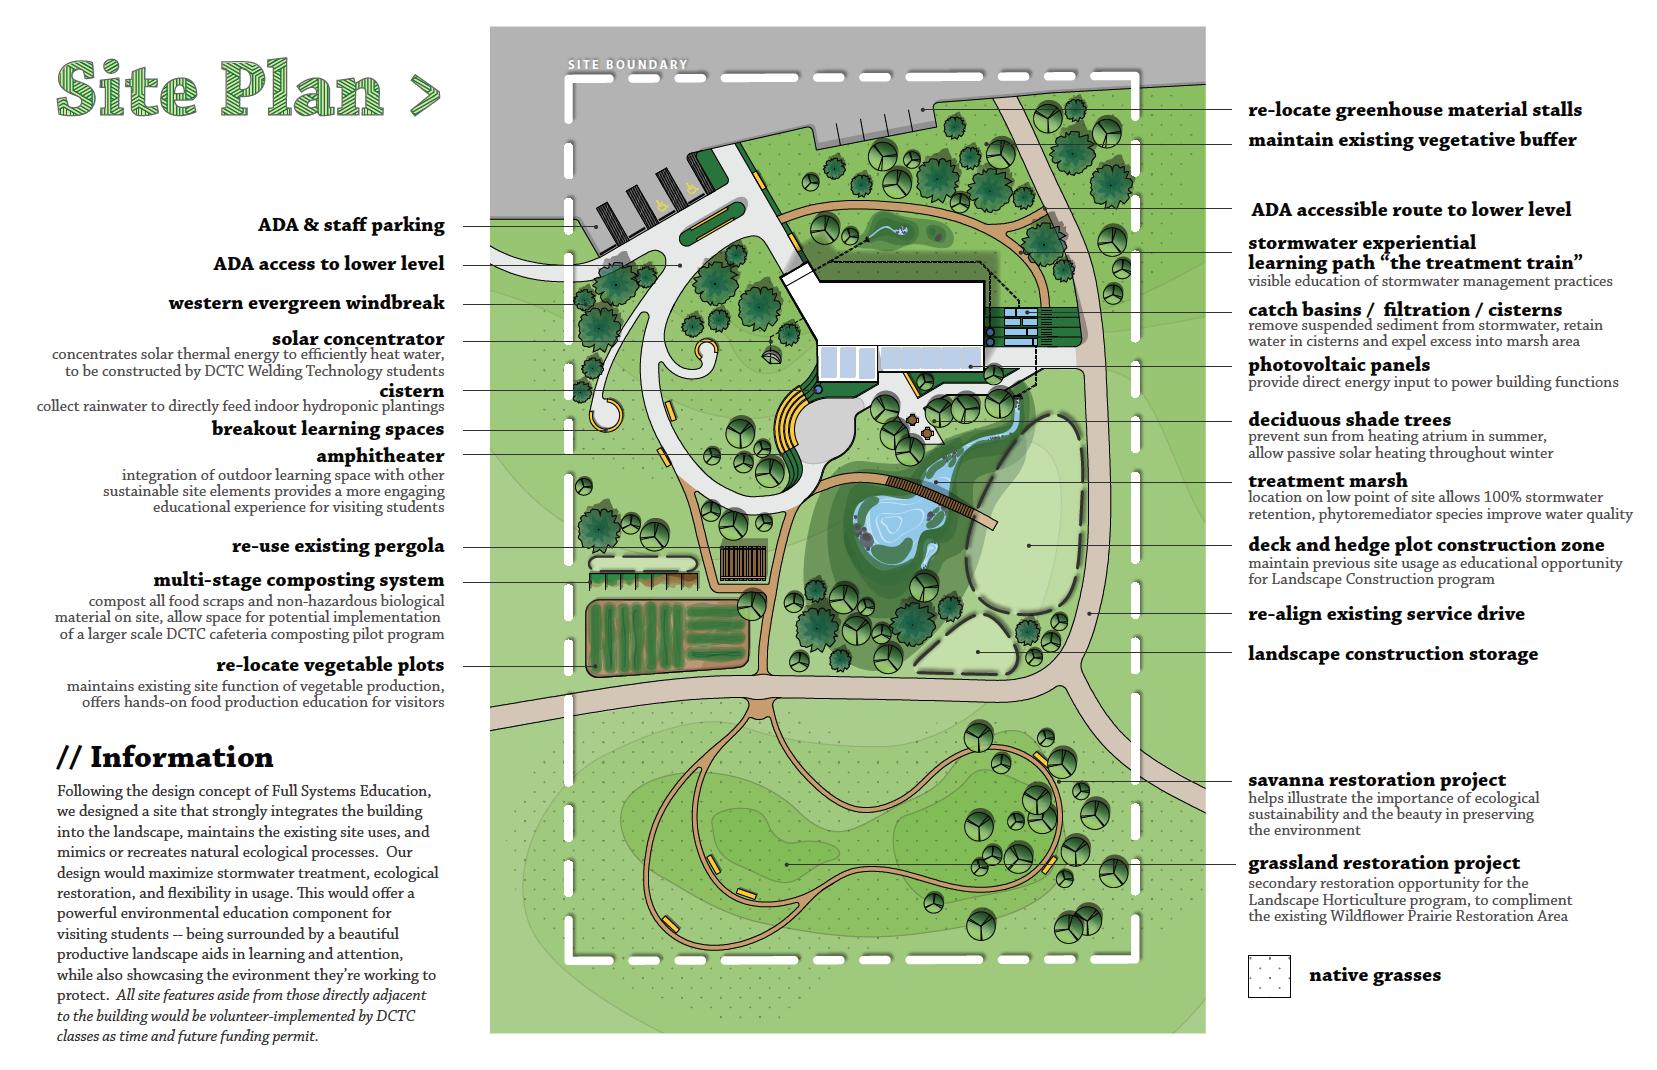 Construction Pergola Bois Plan architectural plans plan - house plans | #73153